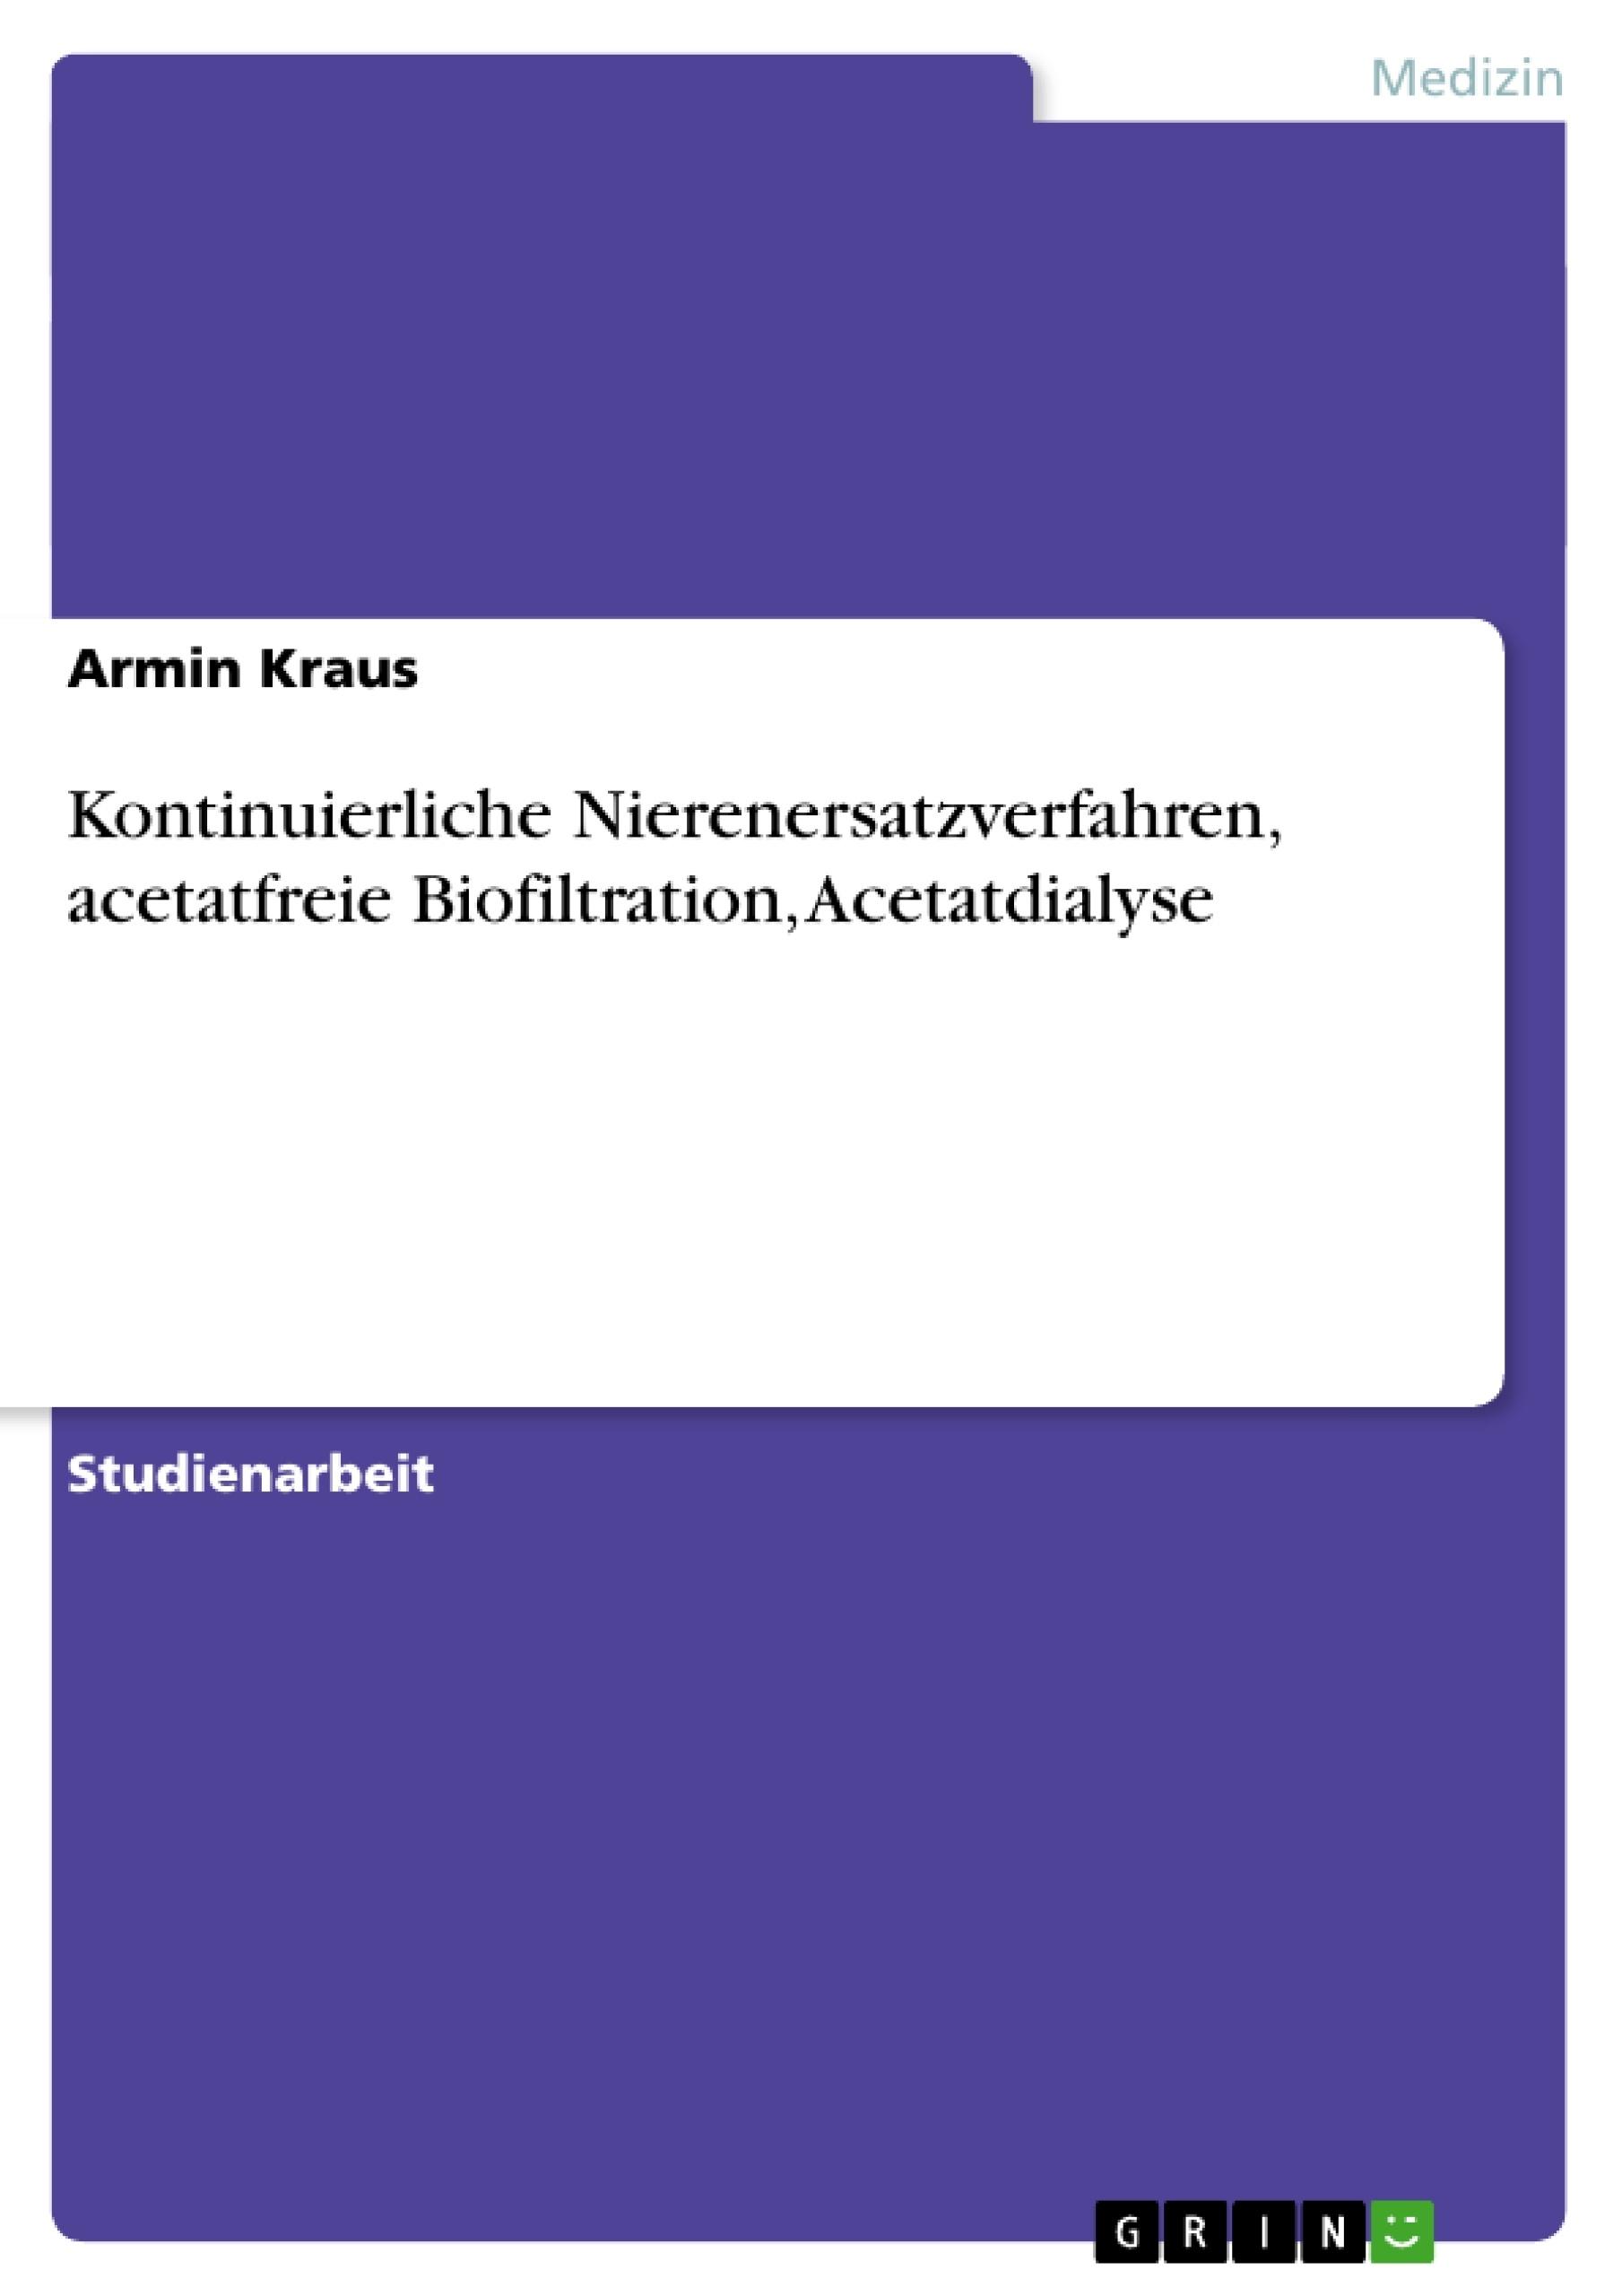 Titel: Kontinuierliche Nierenersatzverfahren, acetatfreie Biofiltration, Acetatdialyse